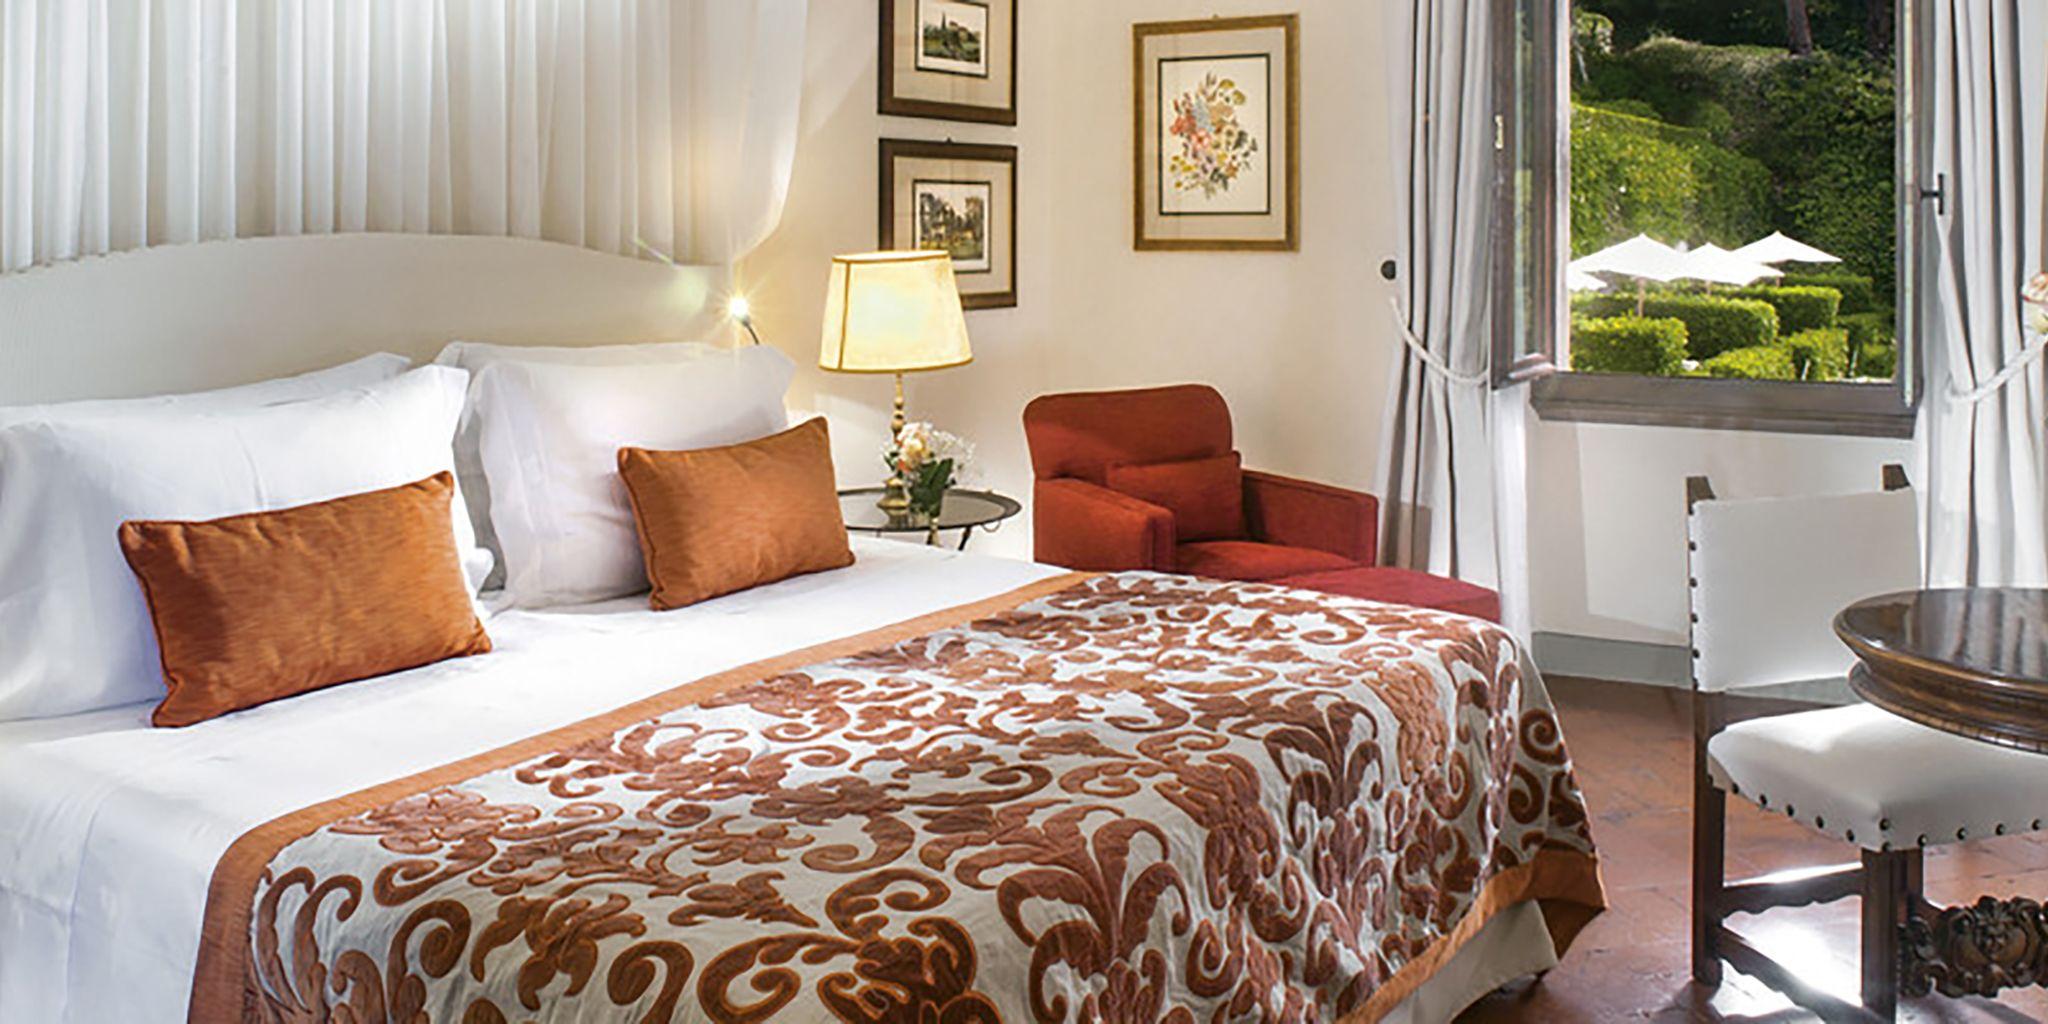 Fiesole Hotels Luxury